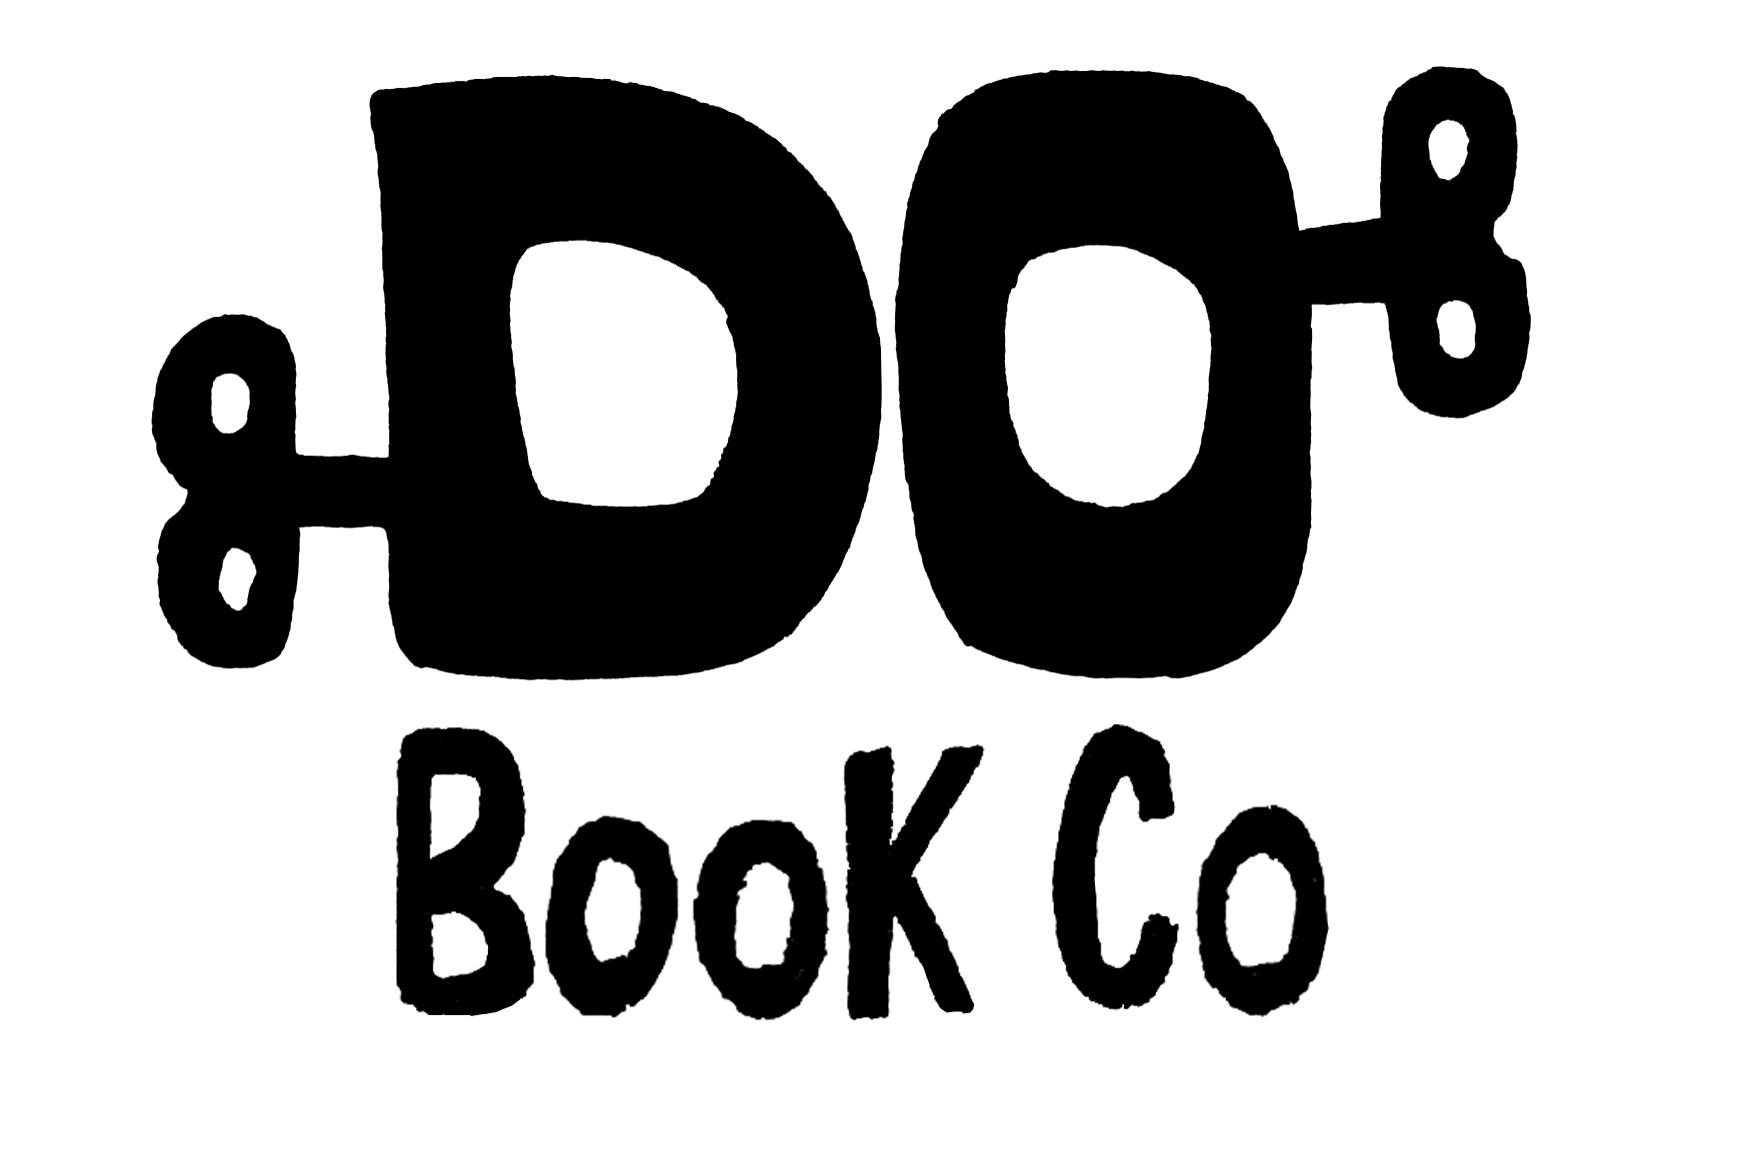 The Do Book Co